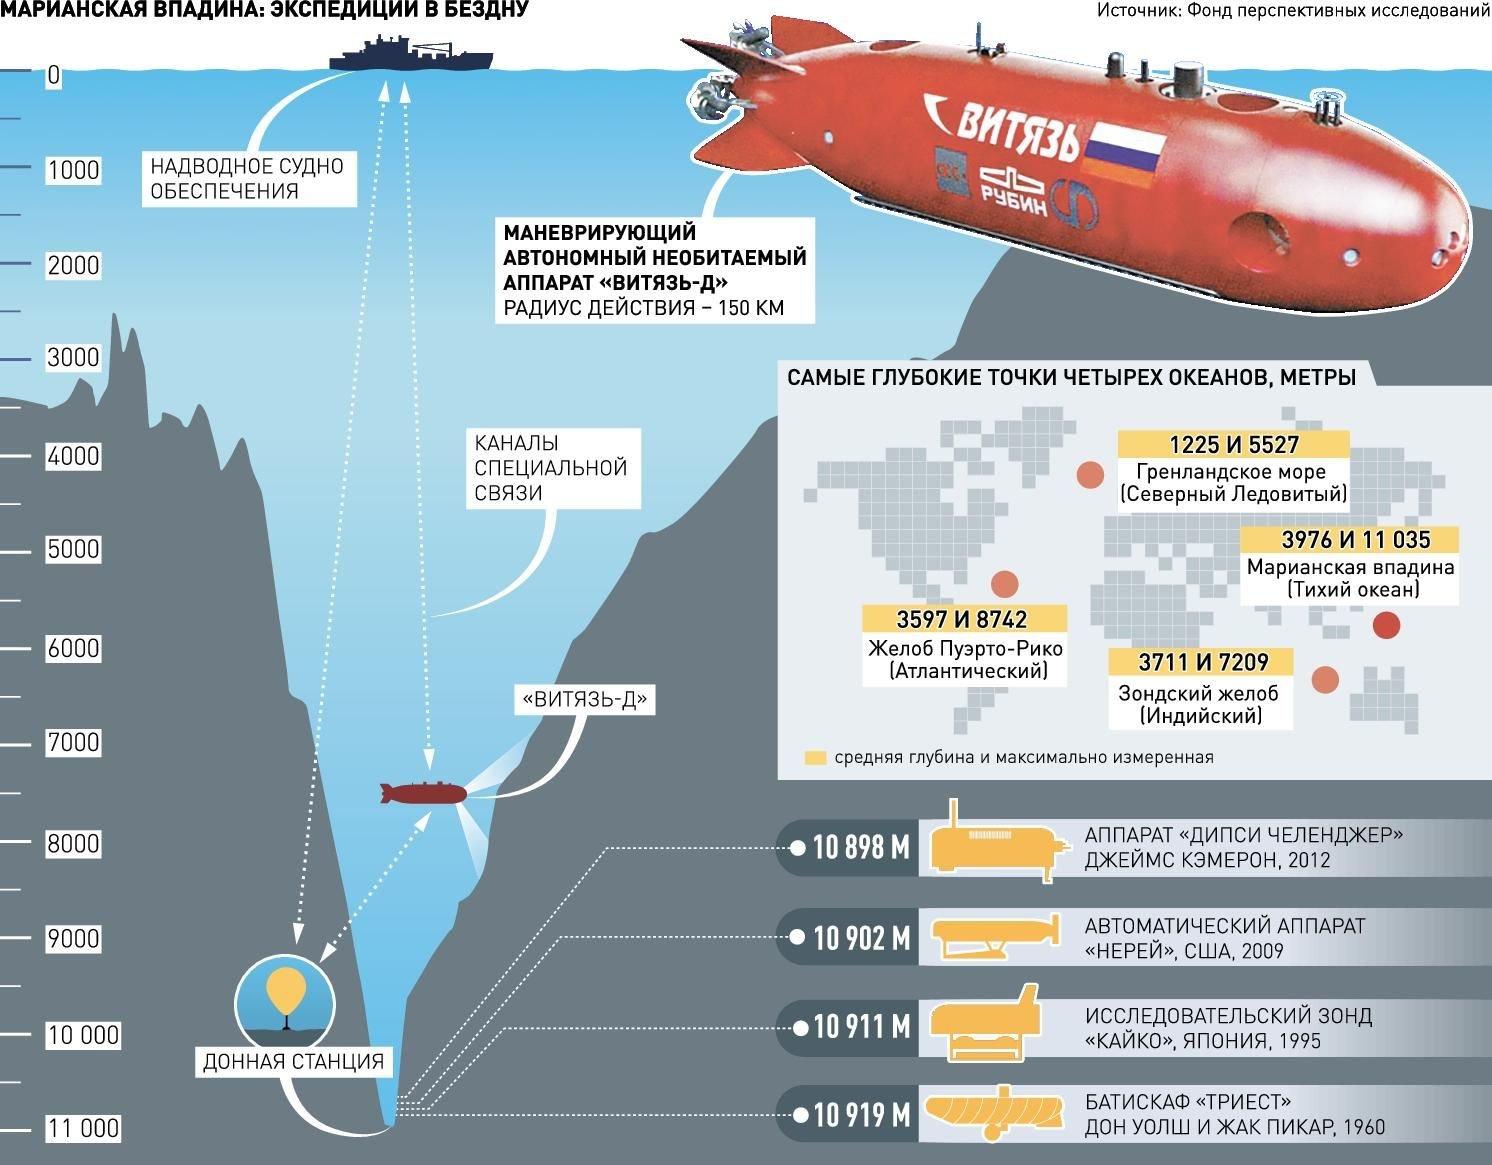 Российский беспилотник первым в мире погрузился на дно Марианской впадины